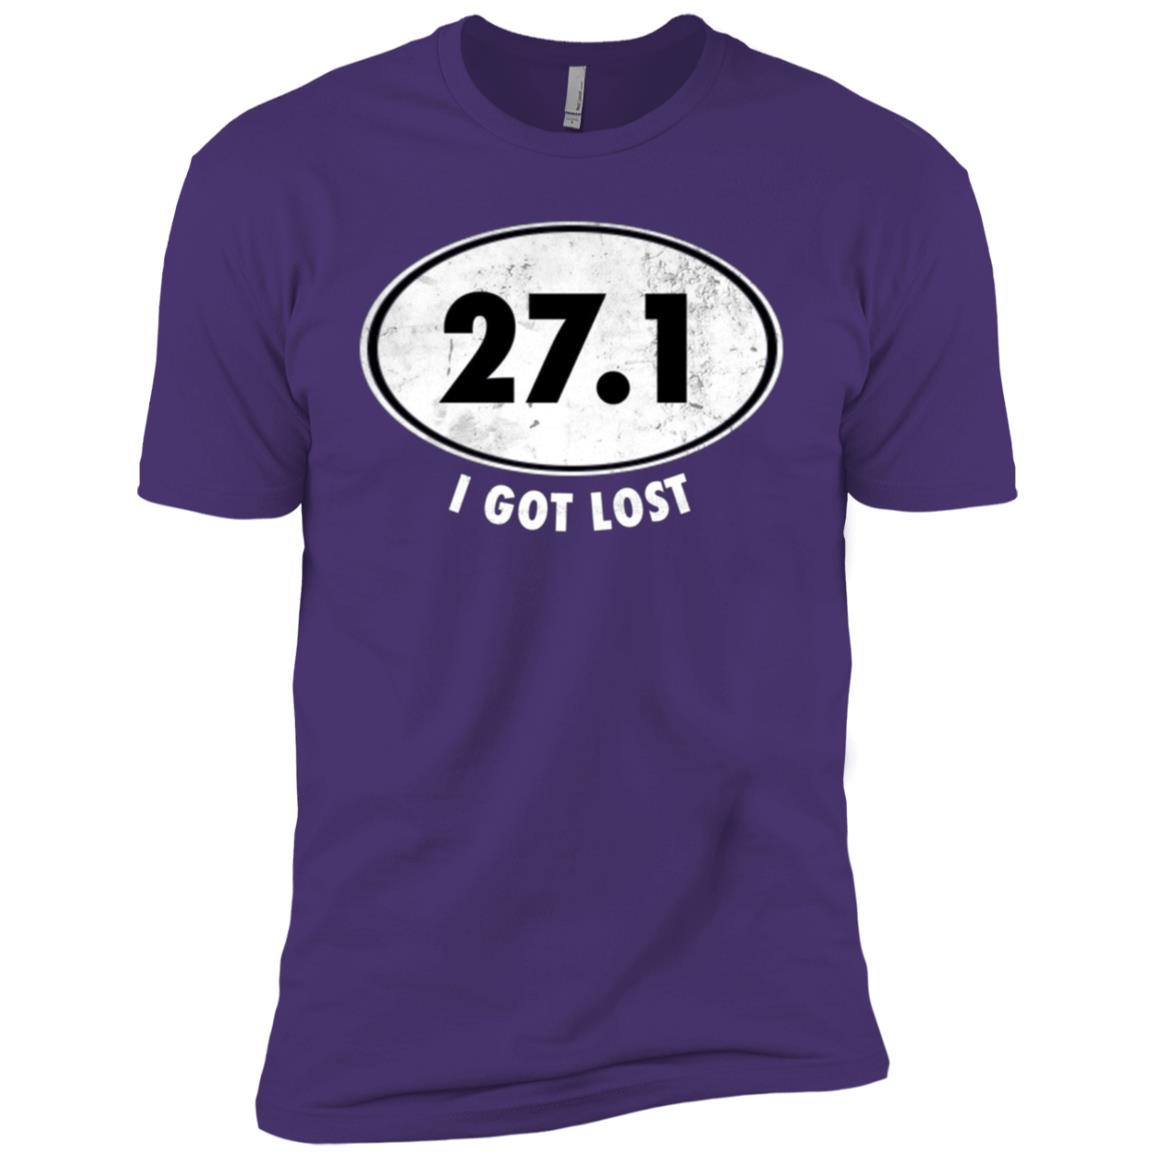 27.1 I Got Lost Funny Marathon Runner Tee Men Short Sleeve T-Shirt